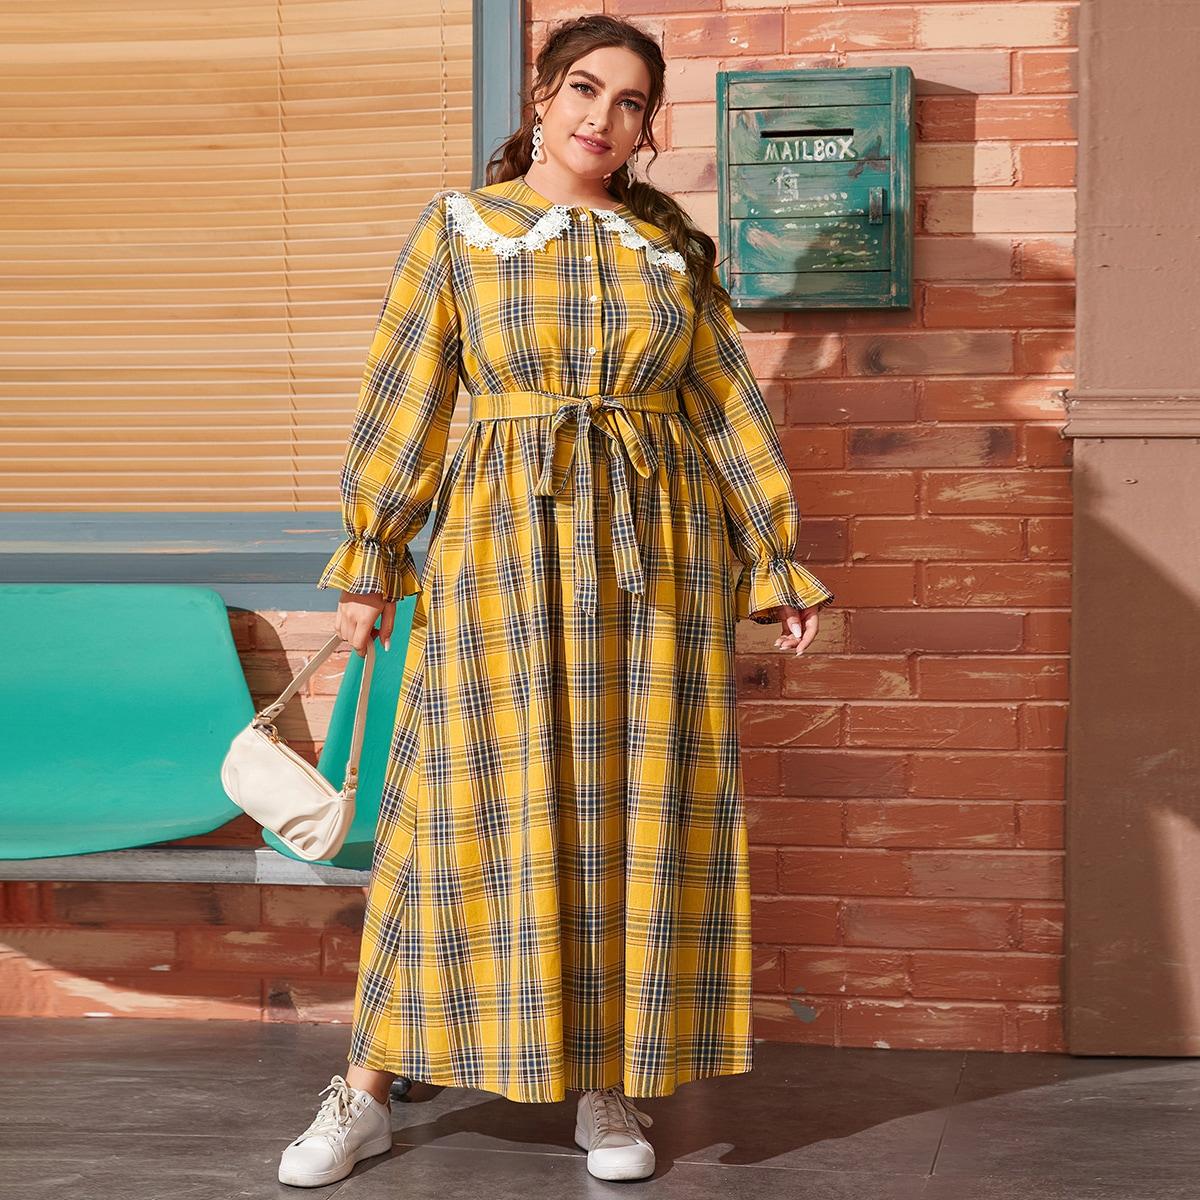 SHEIN / Hemdkleid mit Guipure Spitzenbesatz, Schößchenärmeln und Selbstgürtel